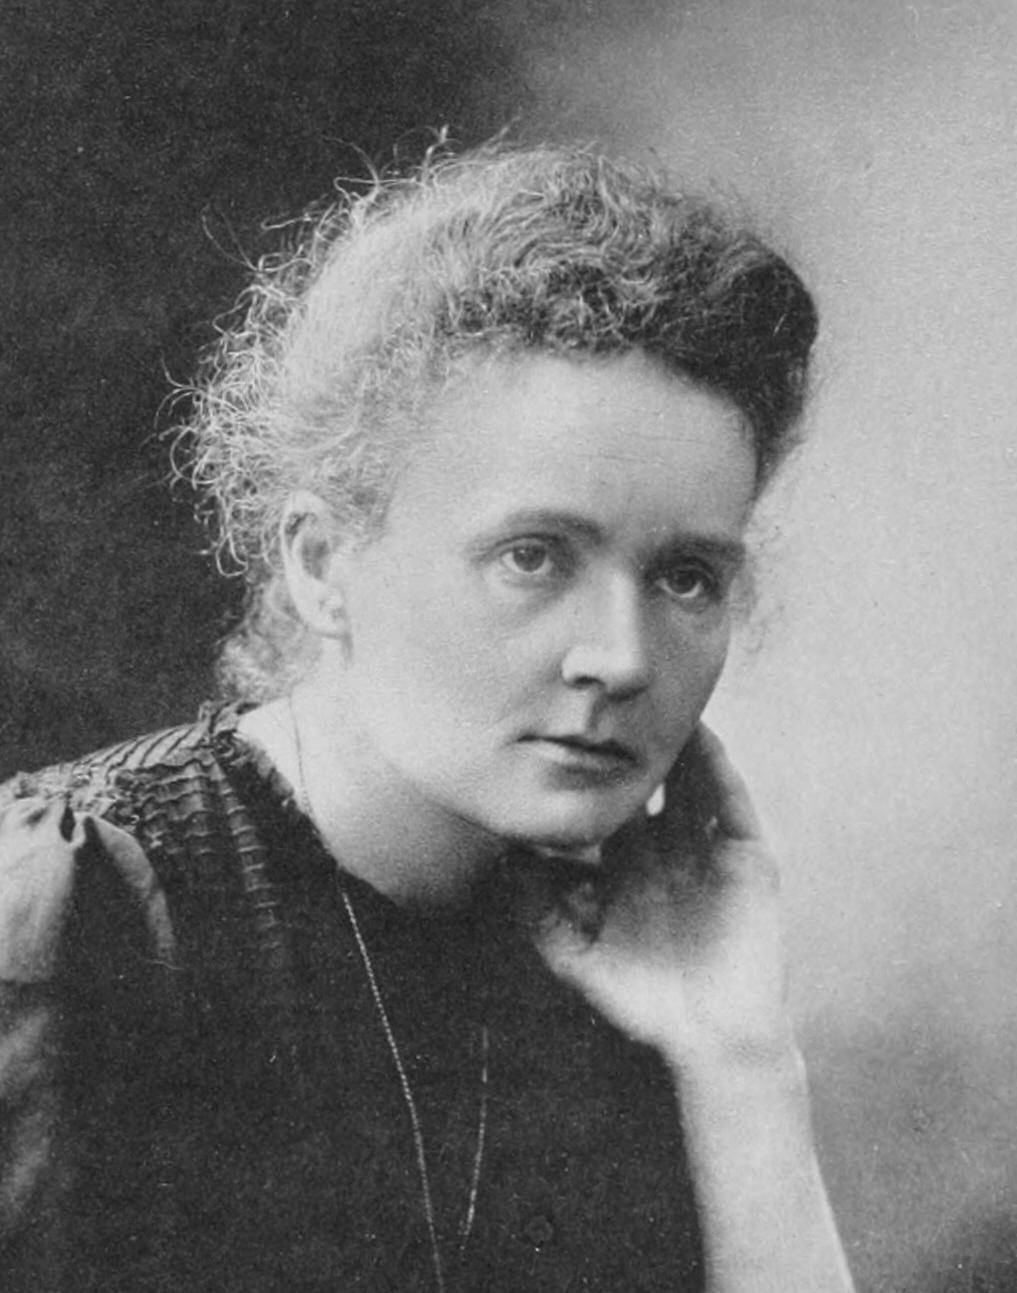 Marie Curieová-Sklodowská